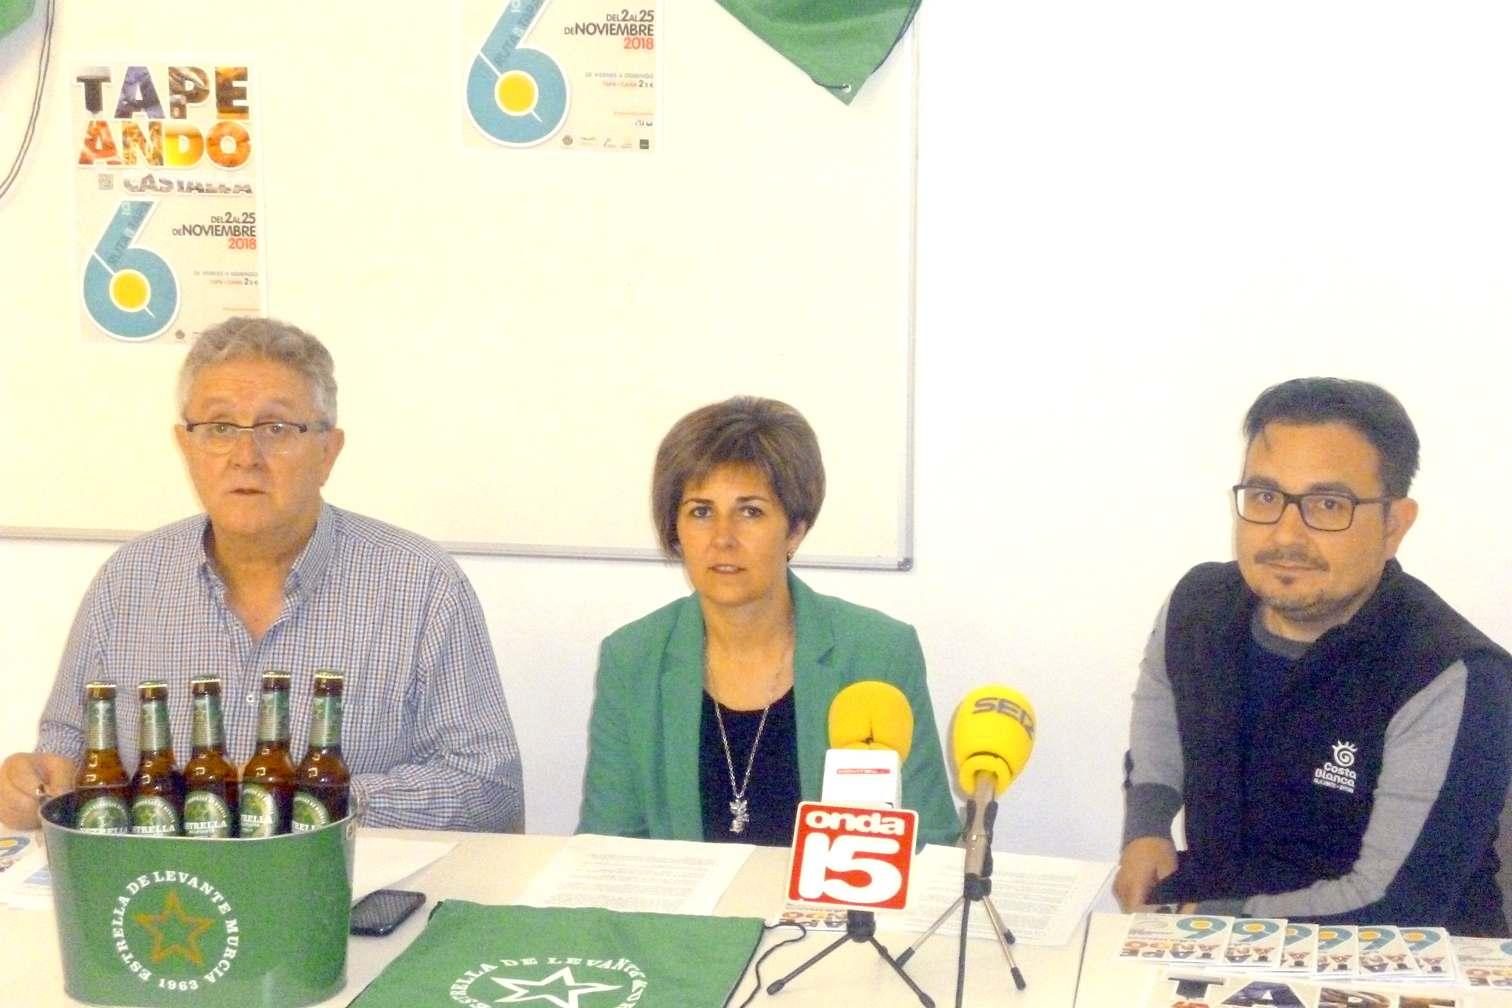 La Ruta de la Tapa de Castalla arriba a la sisena edició amb 29 establiments participants